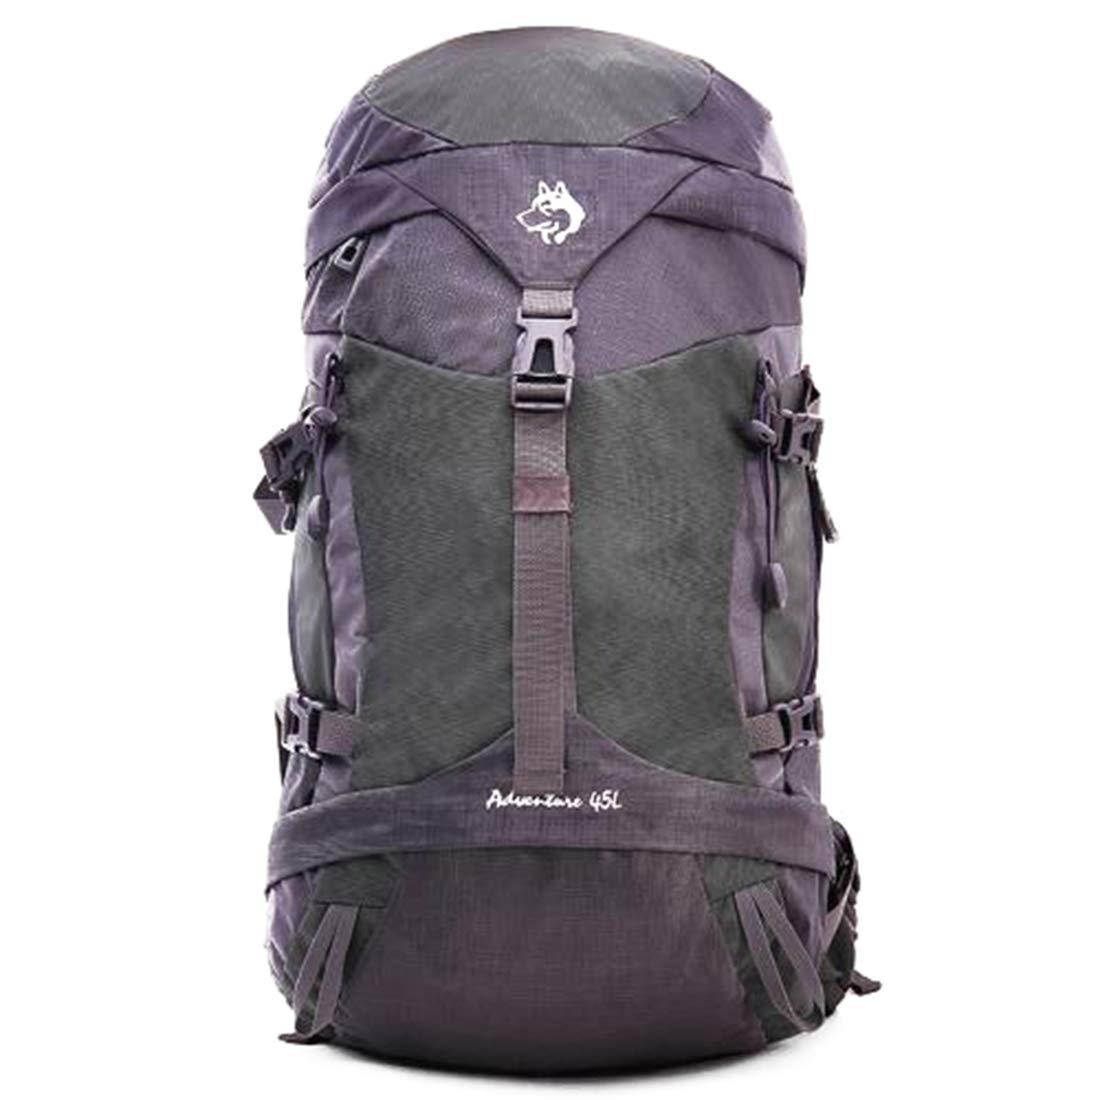 CAFUTY 登山用バックパックウォーキングによるアウトドアスポーツに最適な防水性と耐久性のある野生のキャンプ旅行中立的な男性と女性の多機能ショルダー (Color : グレー)  グレー B07QHDDRY8